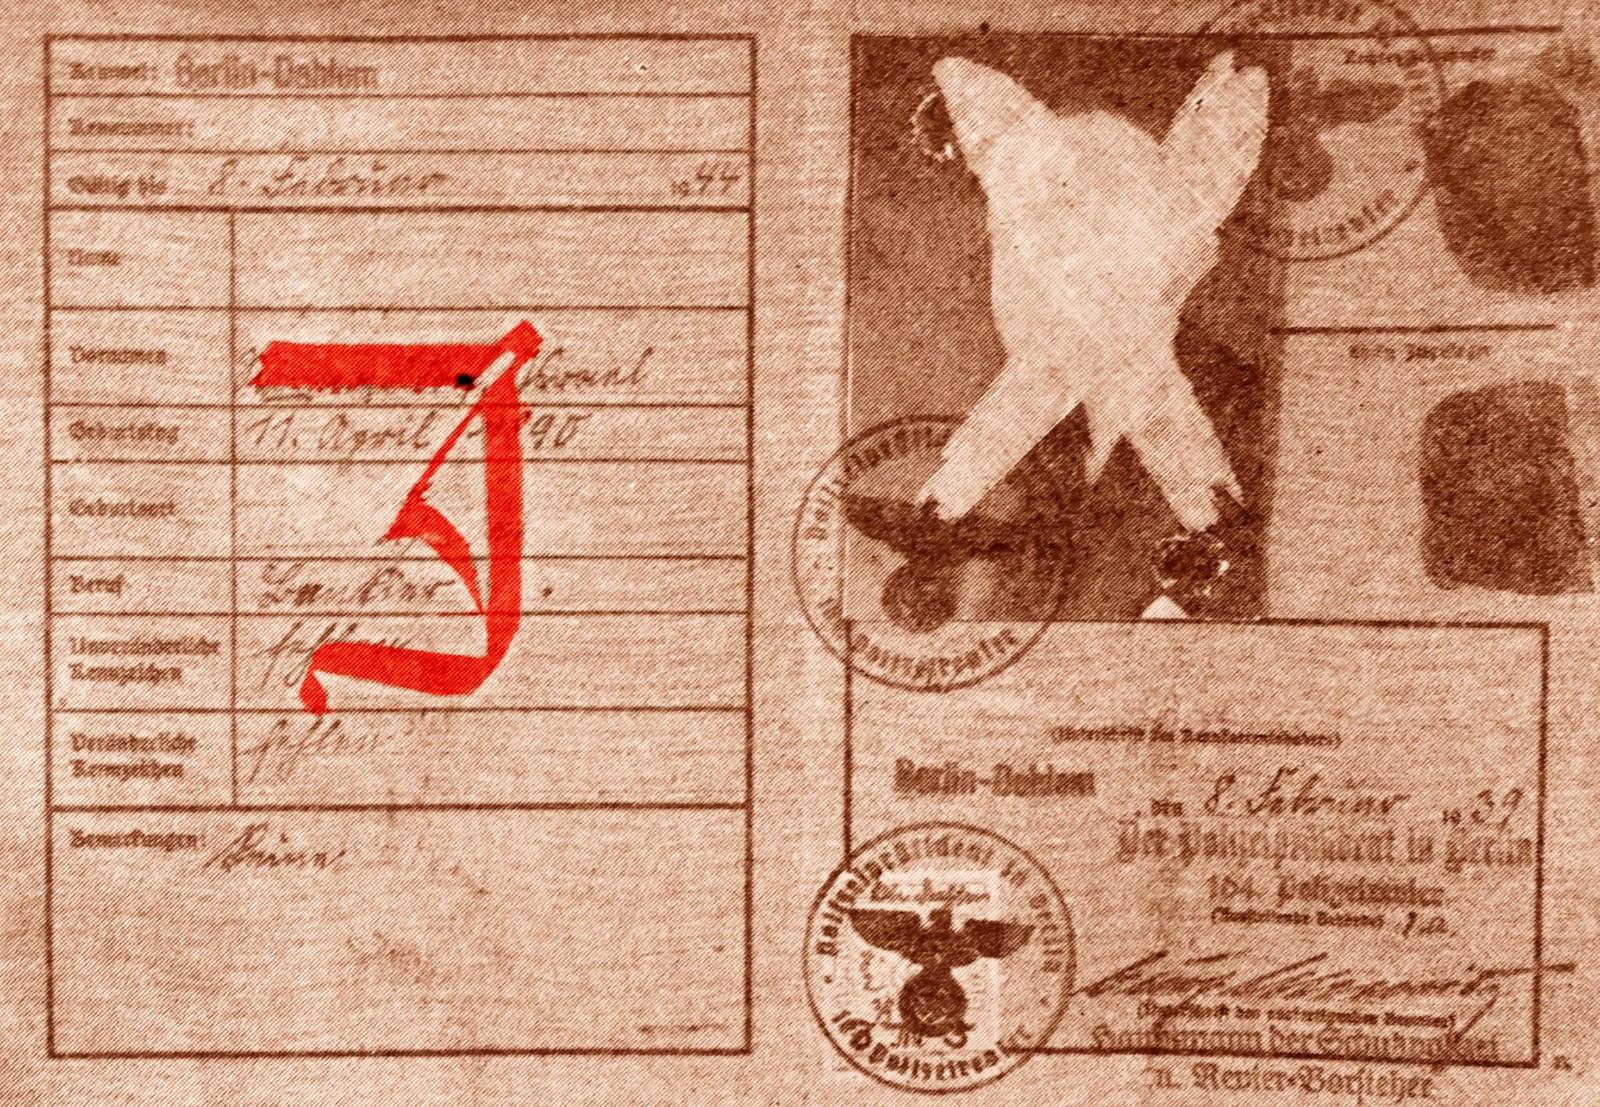 Все евреи должны были иметь удостоверение личности после принятия законов Нюрнберга